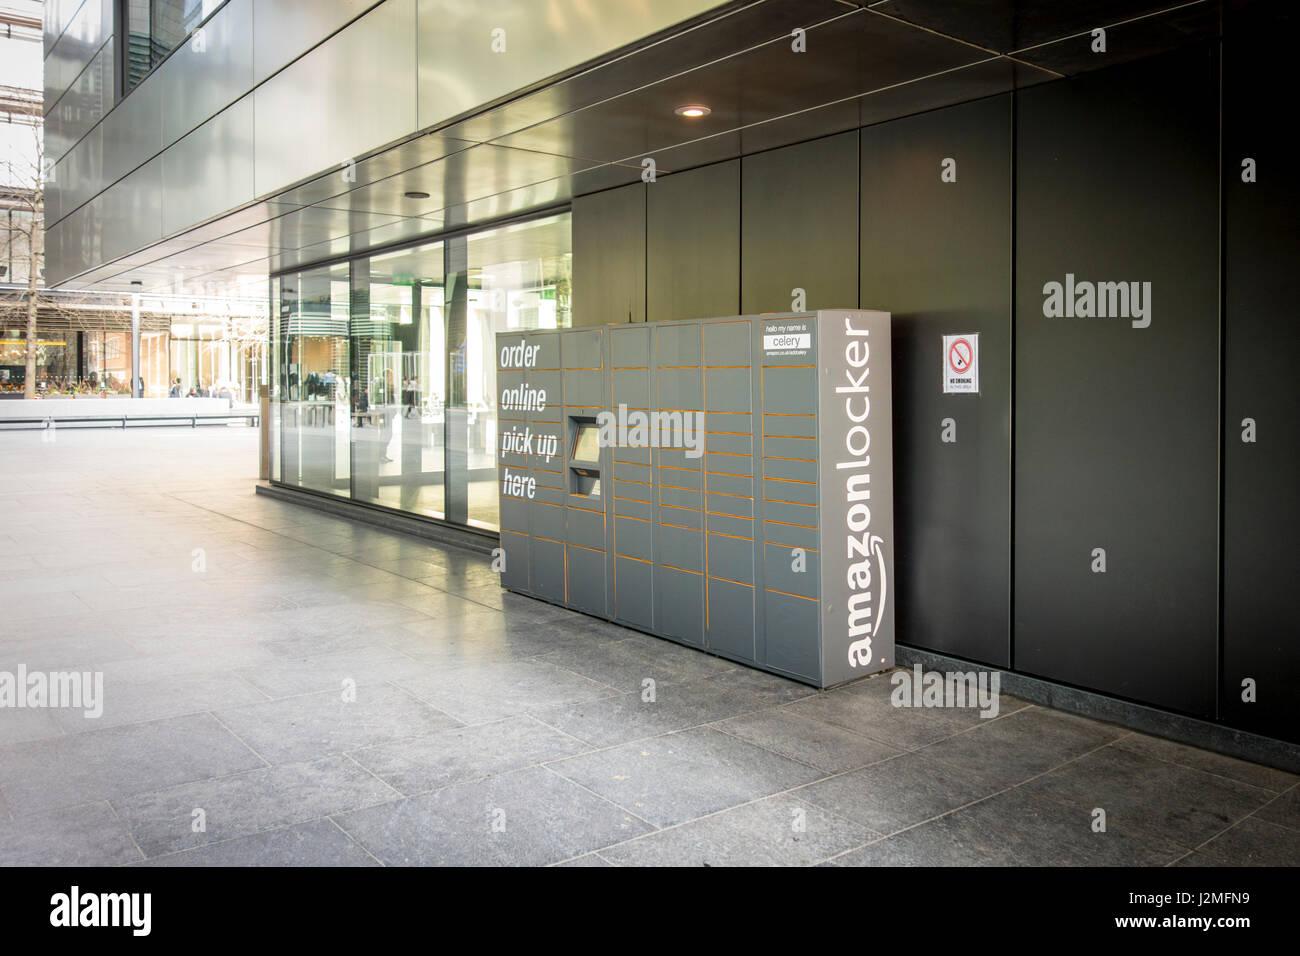 Amazon casier dans l'extérieur, près de bâtiments de bureaux à Londres pour les personnes Photo Stock